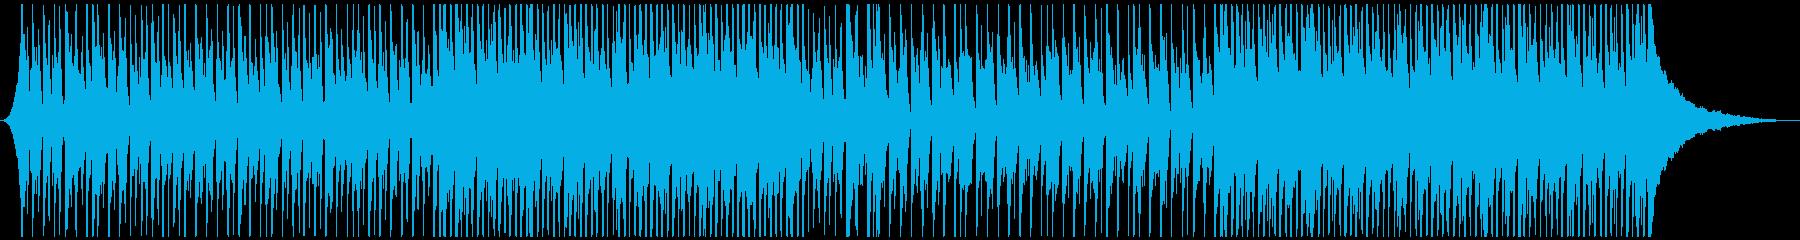 ピチカートとウクレレのかわいいポップの再生済みの波形